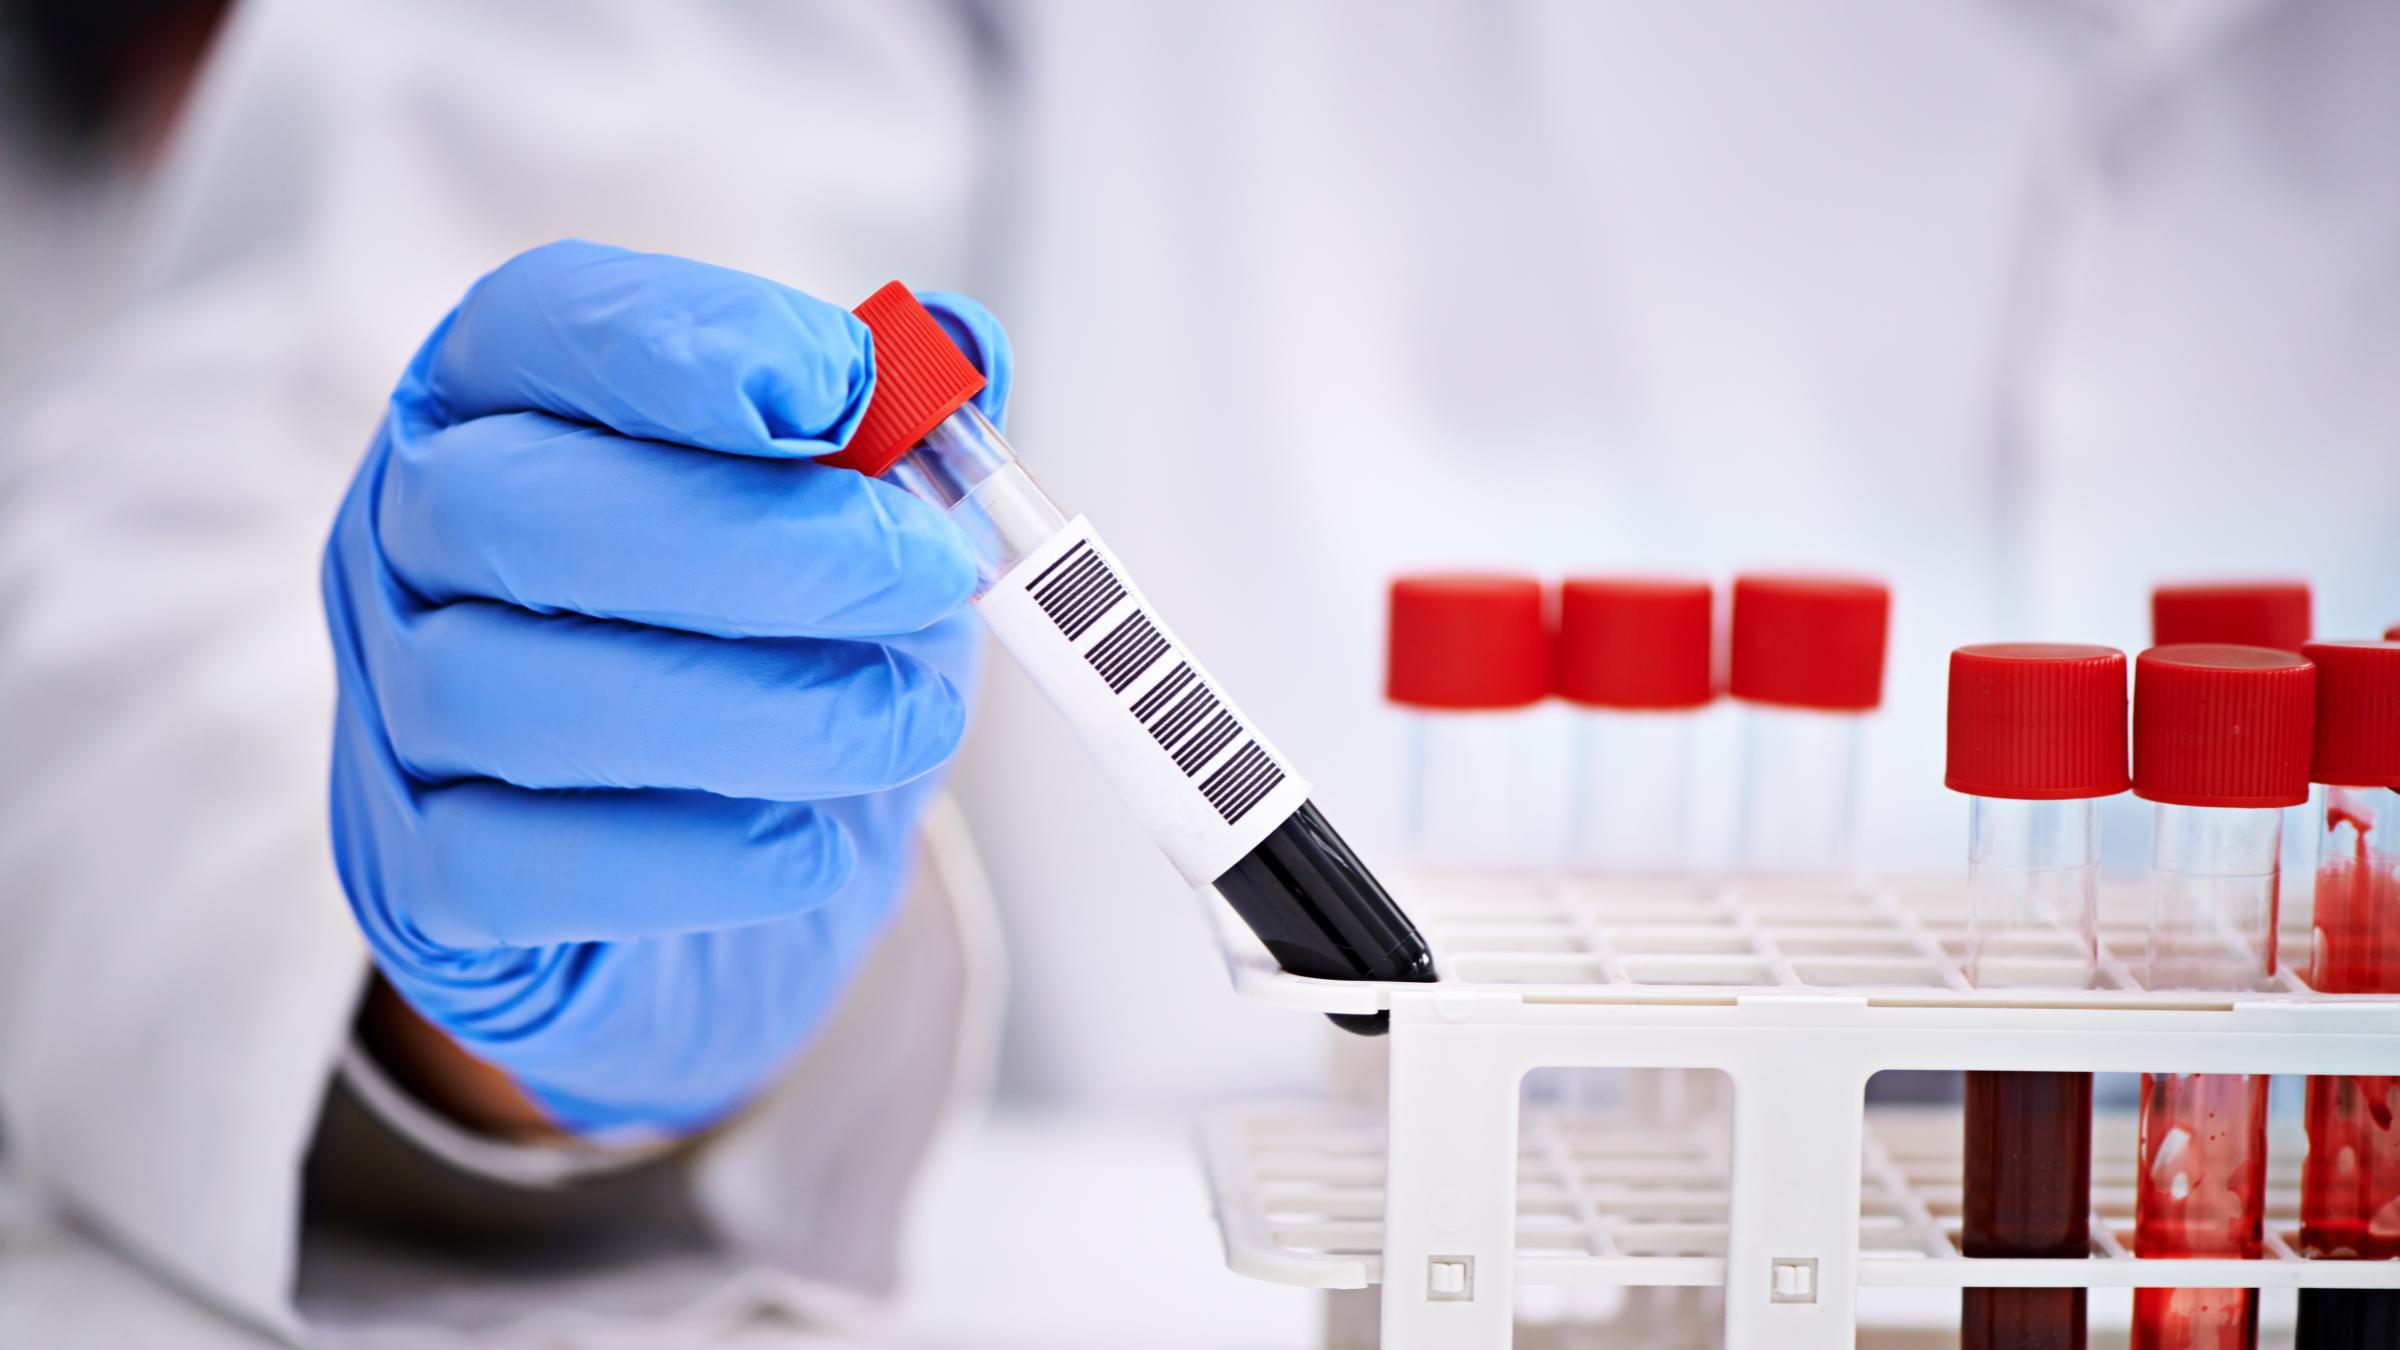 Анализ крови поможет определить болезнь Альцгеймера до появления симптомов